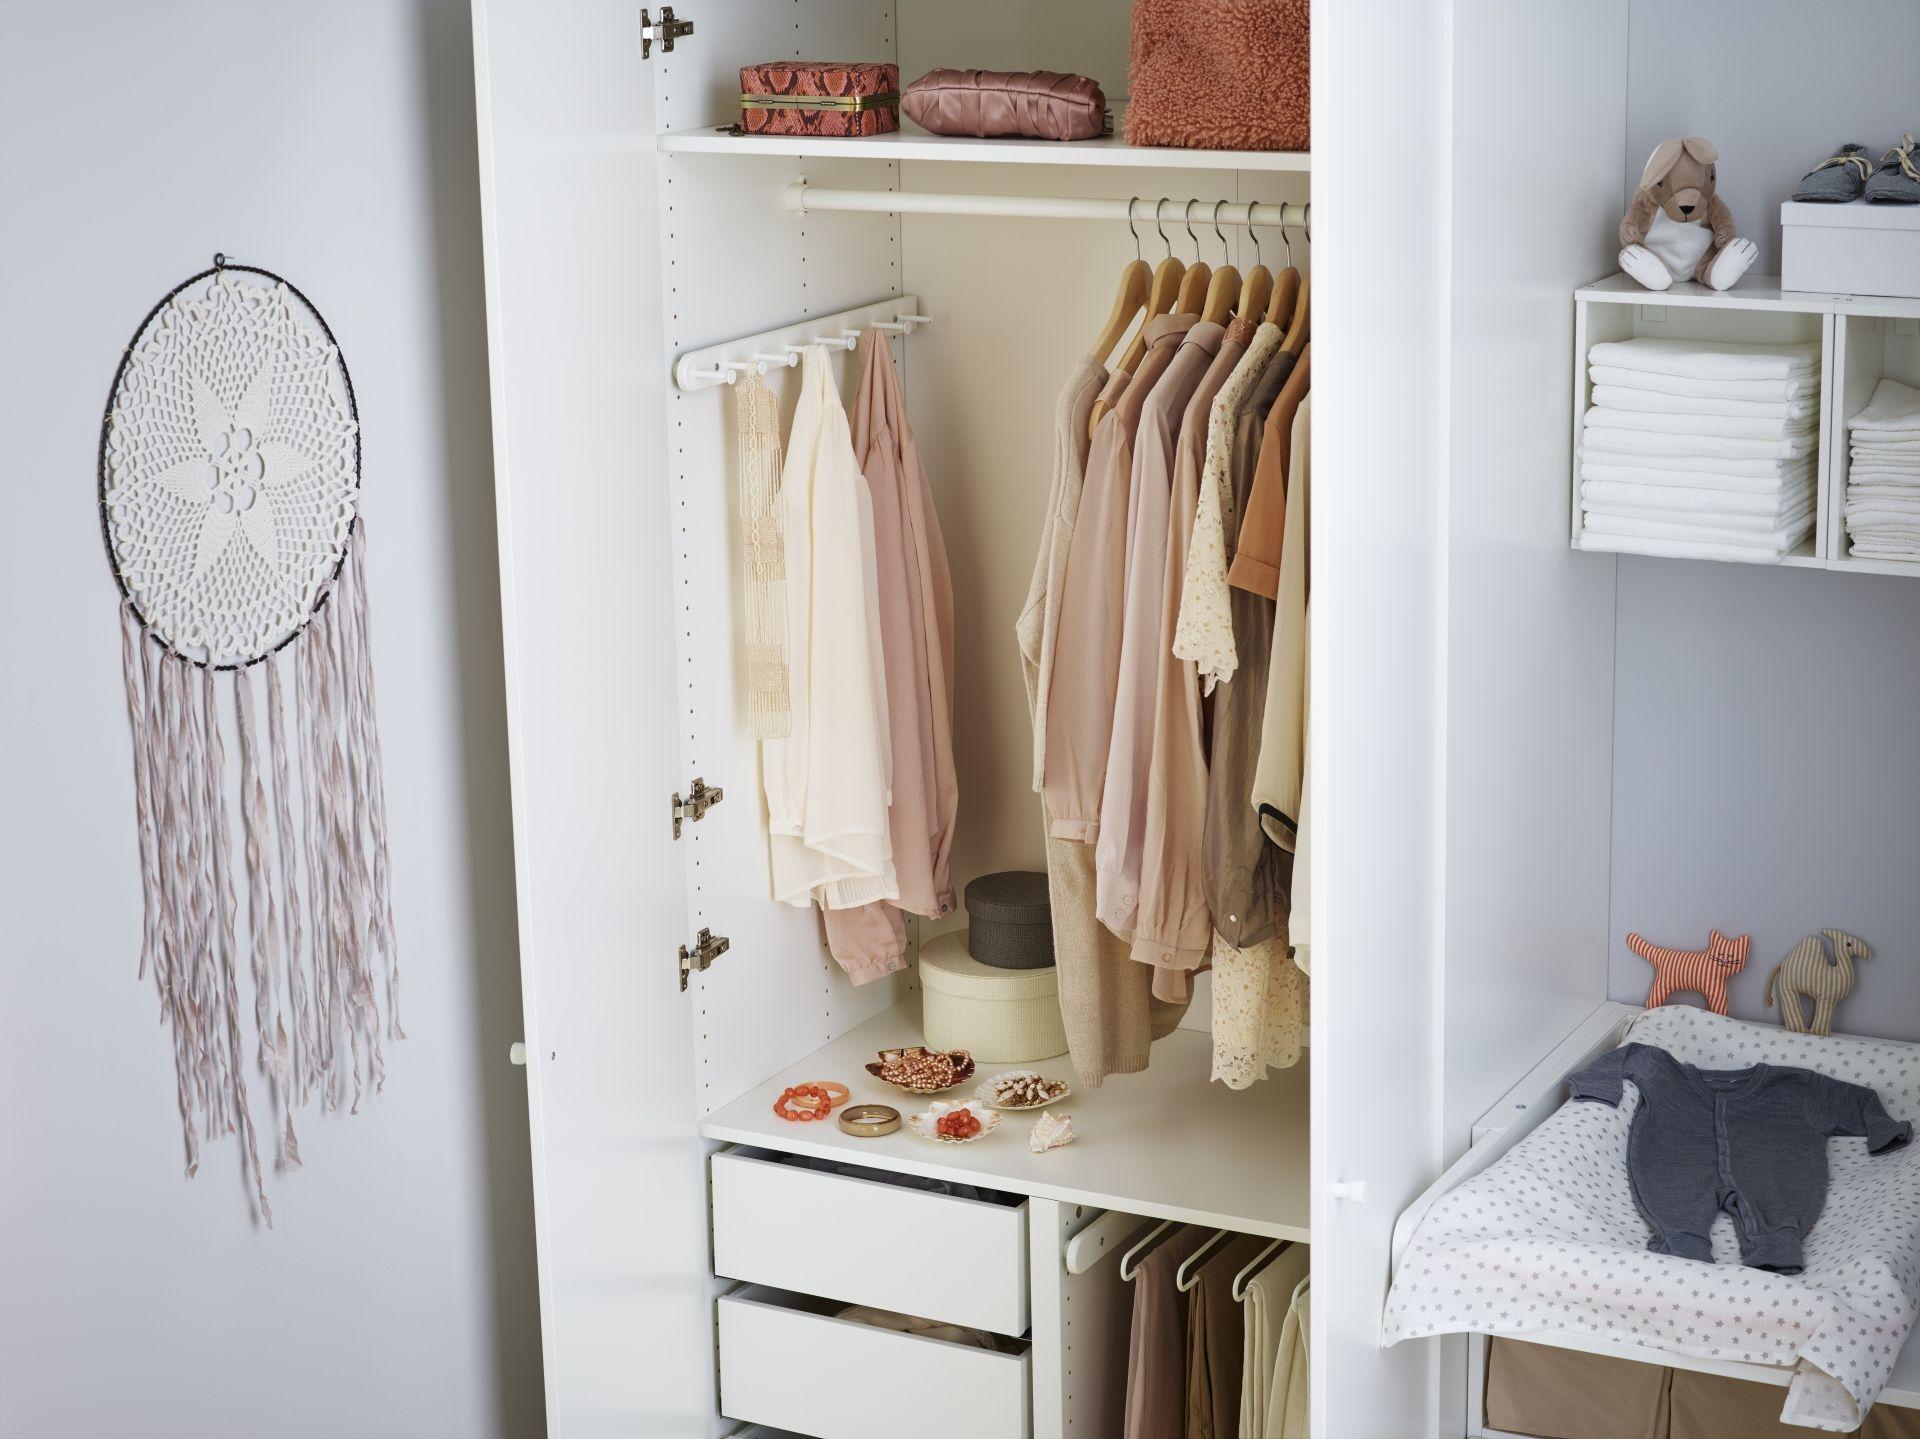 Pax garderobekast ikea ikeanederland ikeanl wooninspiratie inspiratie kast slaapkamer - Baby slaapkamer deco ...